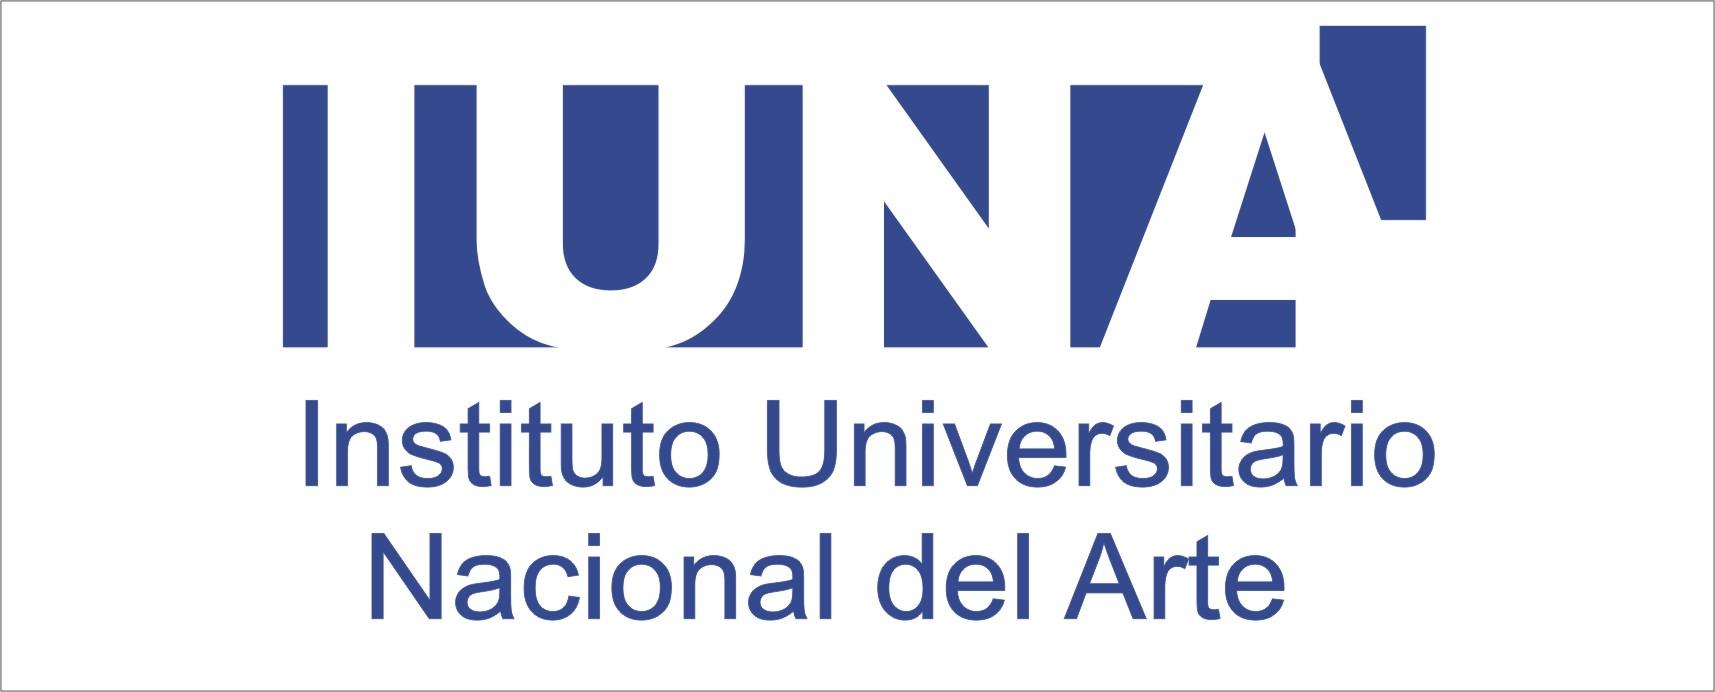 Universidad nacional de las artes wikiwand for Universidad de arte